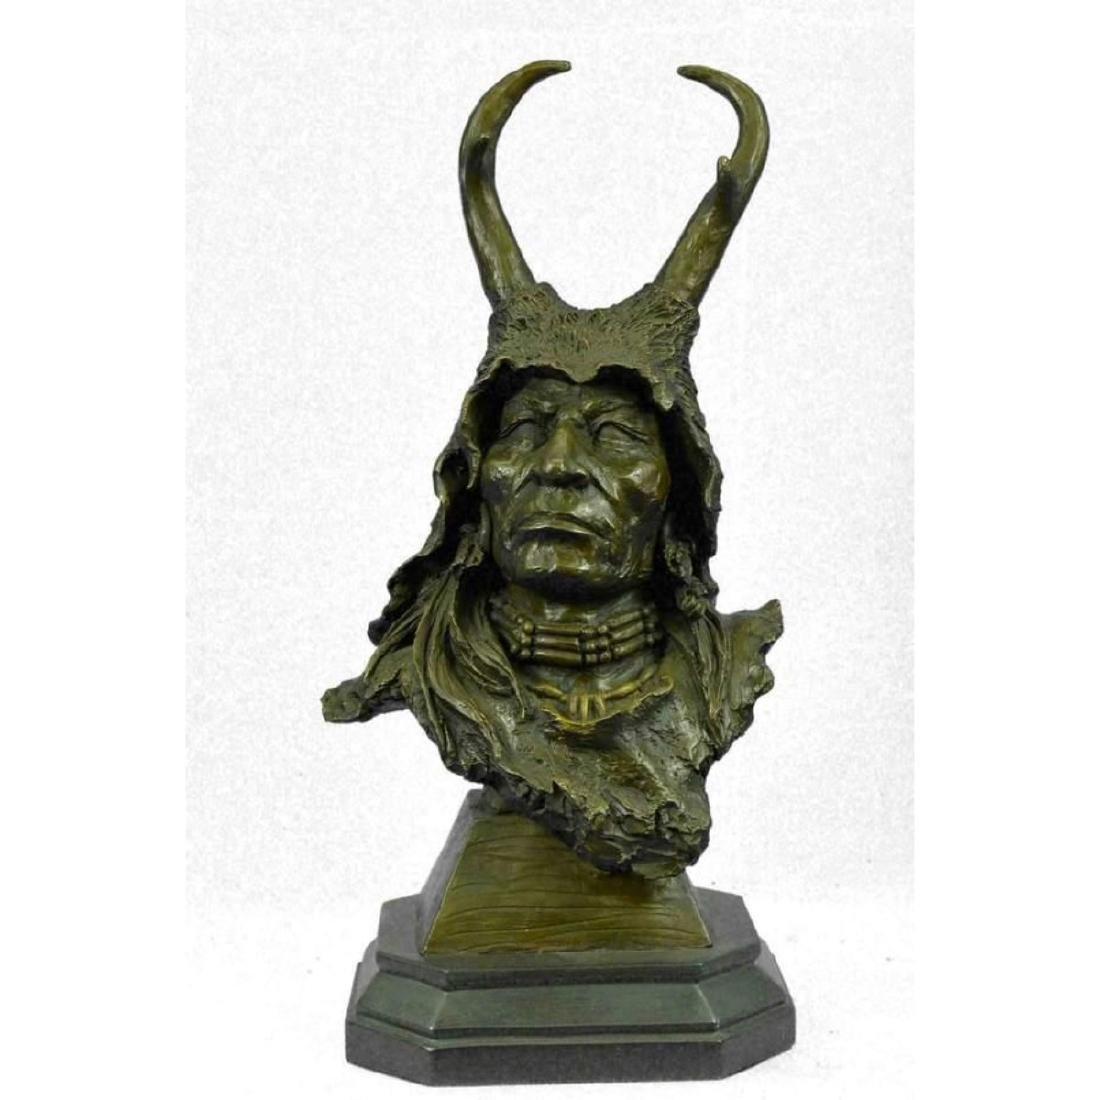 Bronze Bust Sculpture of Native American in Antler